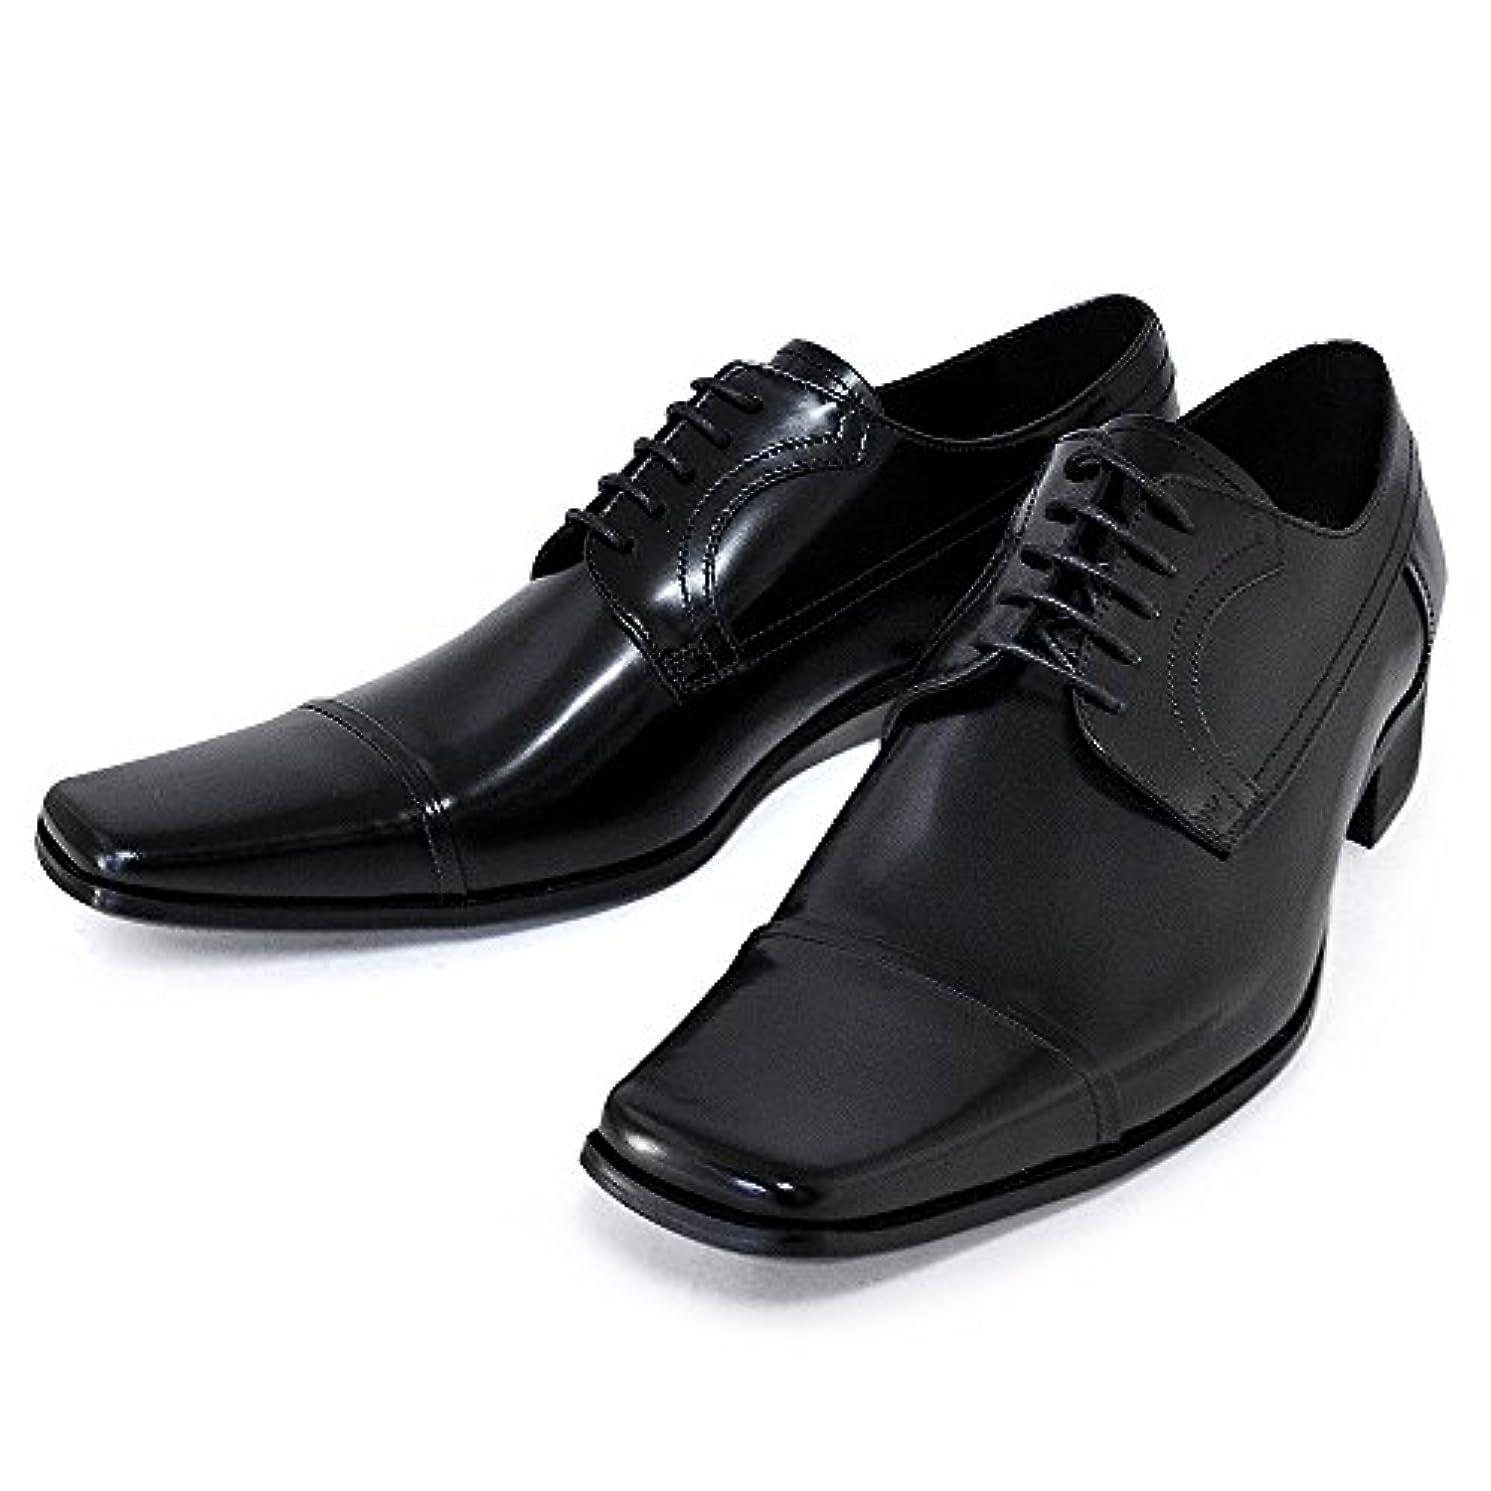 クーポン新しい意味慈悲深い(キャサリンハムネット ロンドン) KATHARINE HAMNETT LONDON ビジネスシューズ メンズ 本革 紳士靴 3947